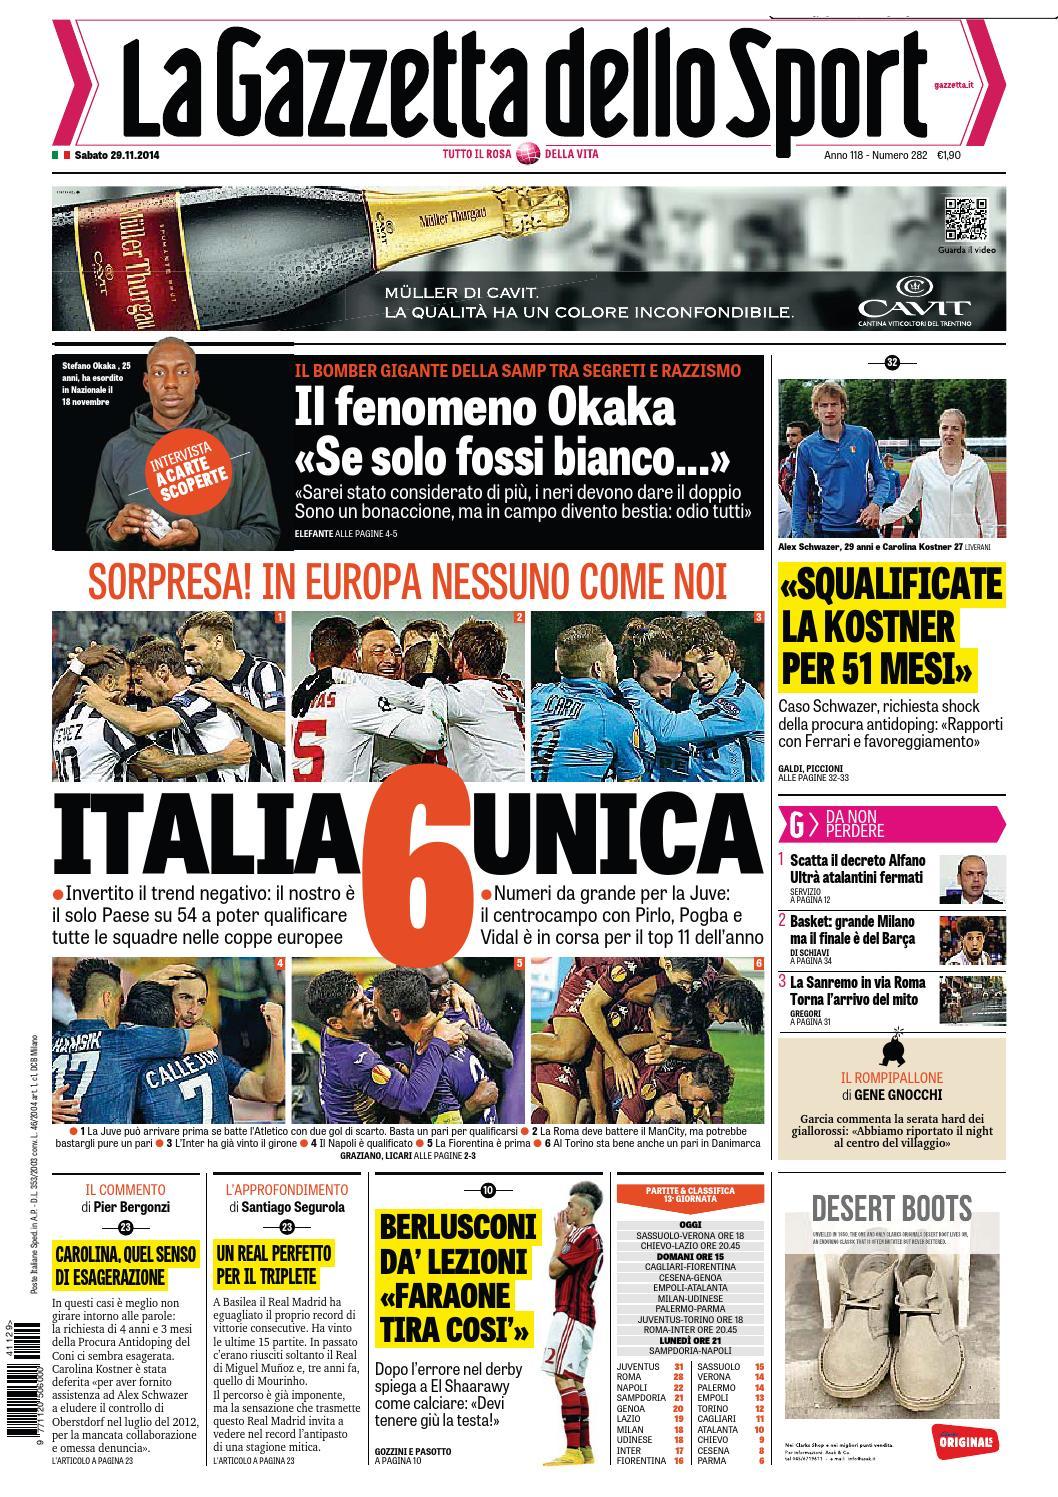 La gazzetta dello sport 29 11 2014 by Gamesworld Giammello - issuu 3f3f4742f1a3